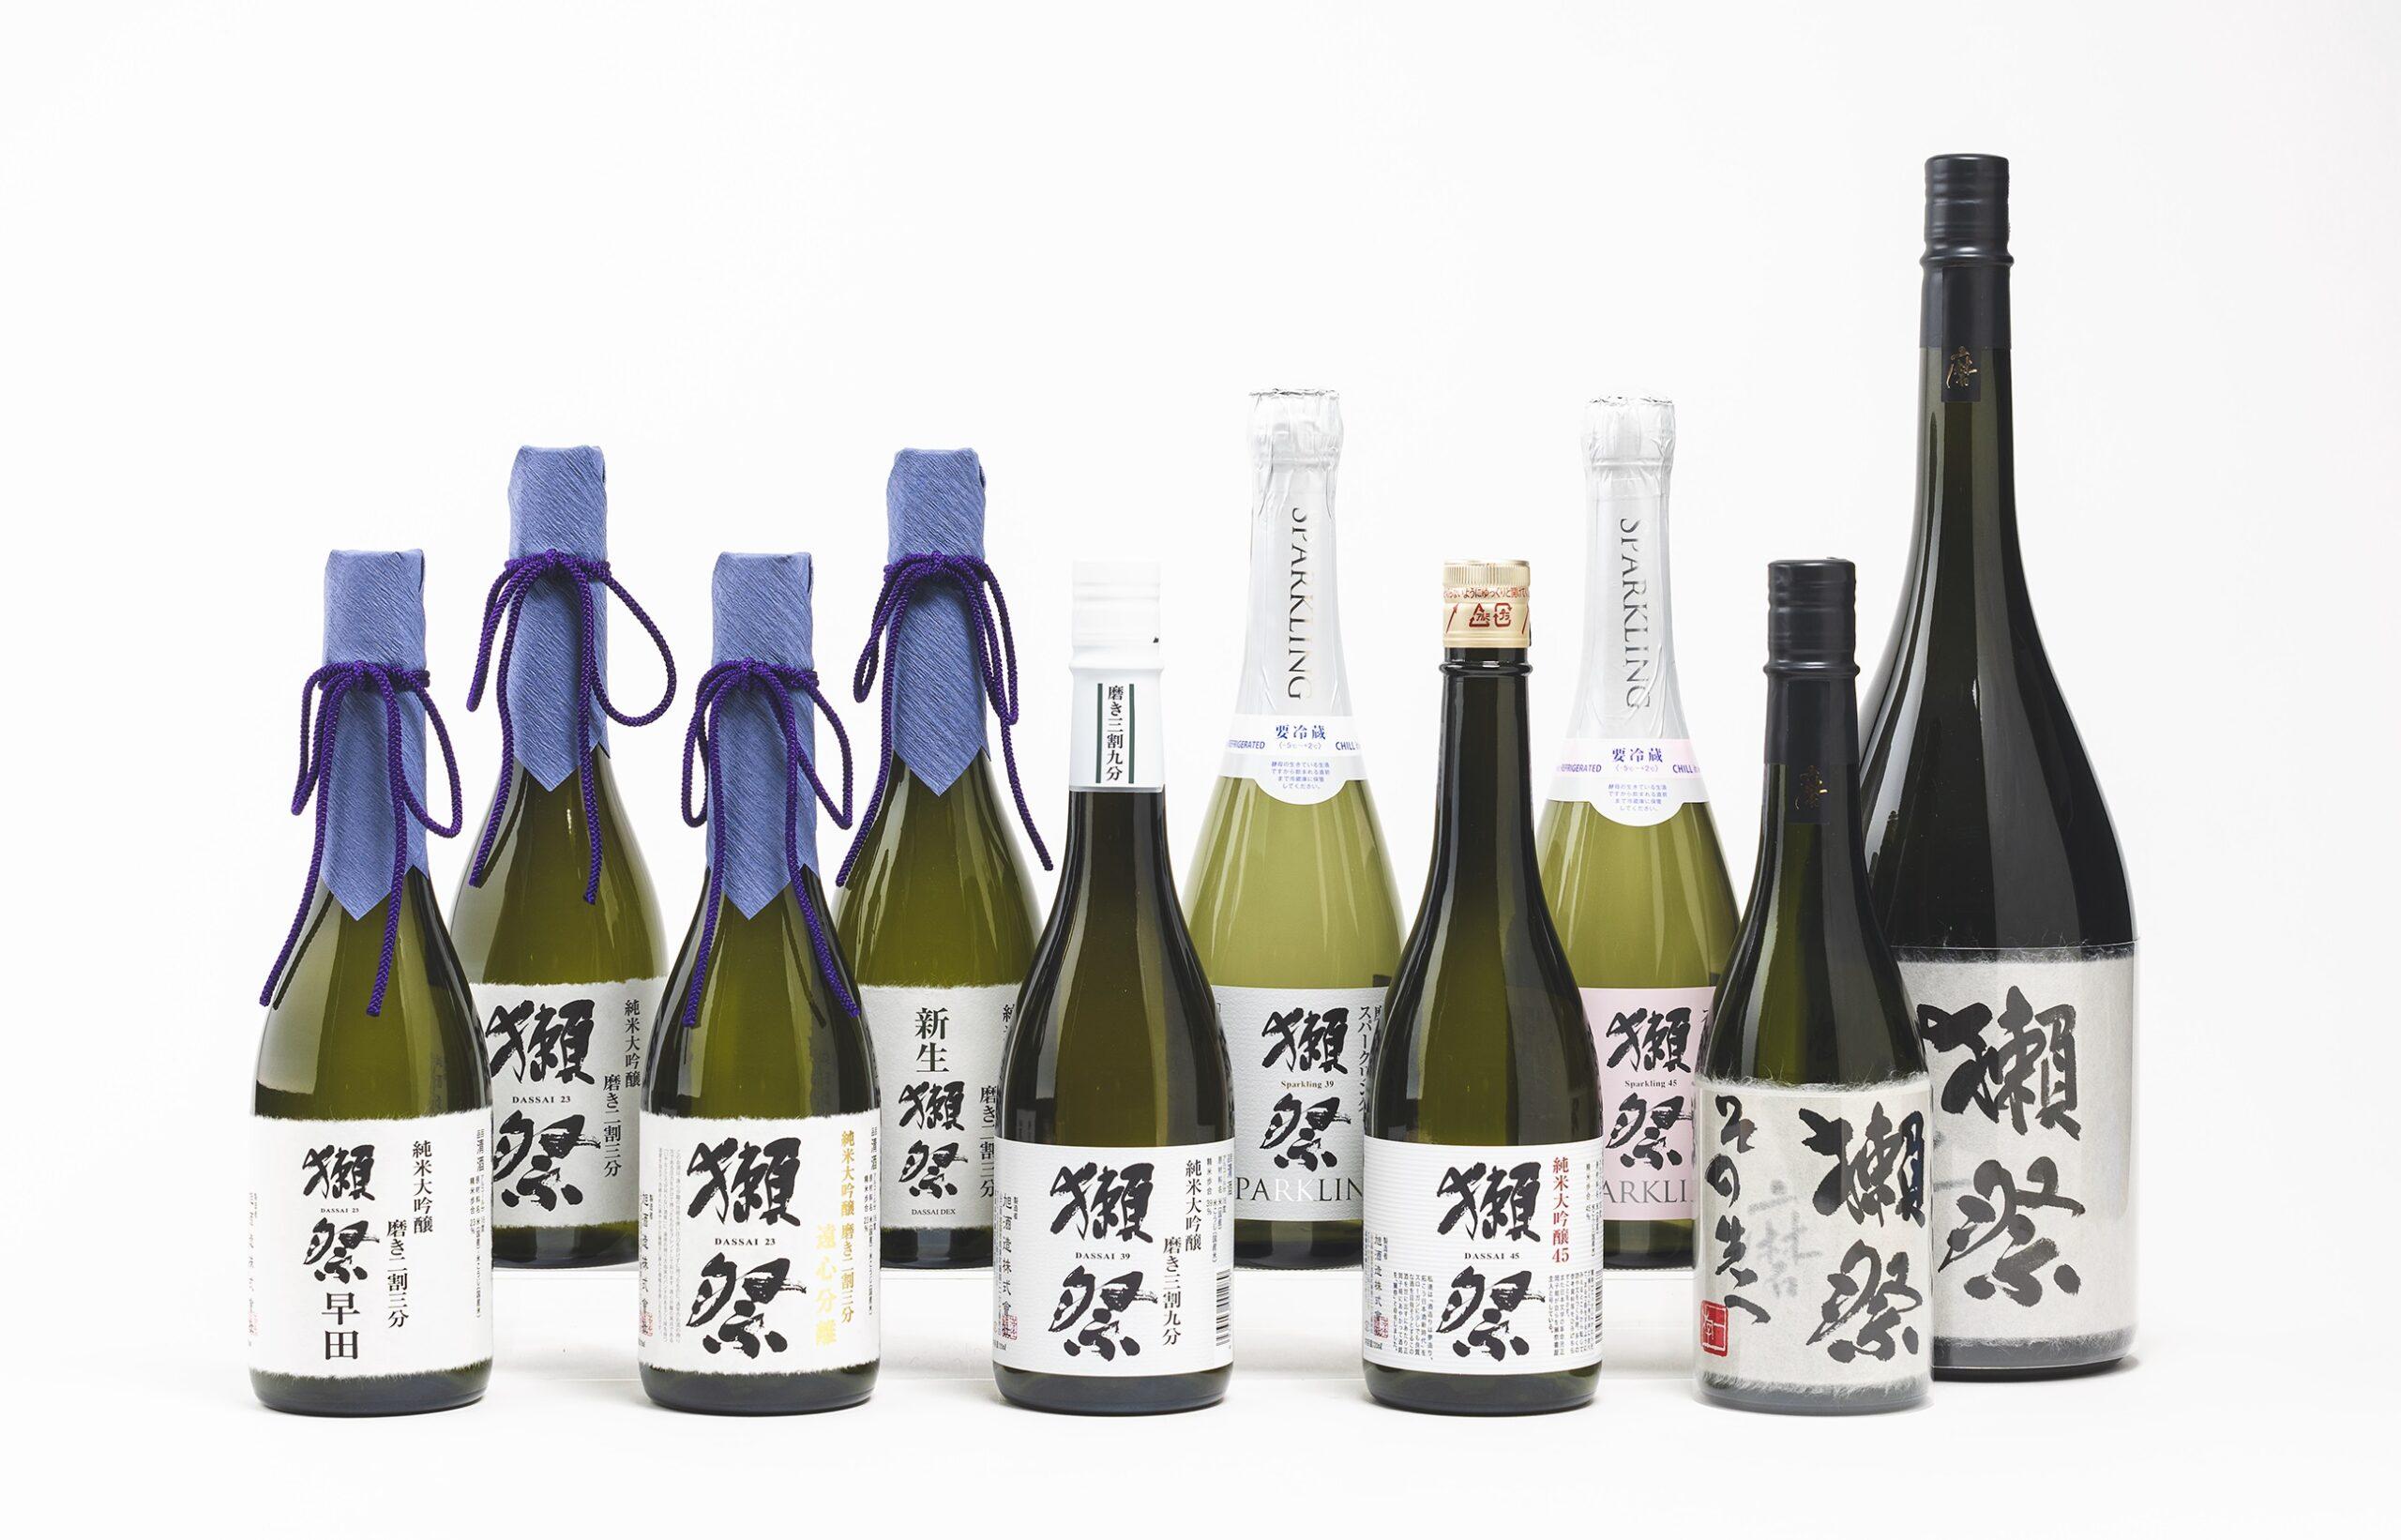 評価用社内テイスティングで用いる「獺祭」生原酒10種をシンワオークションに出品